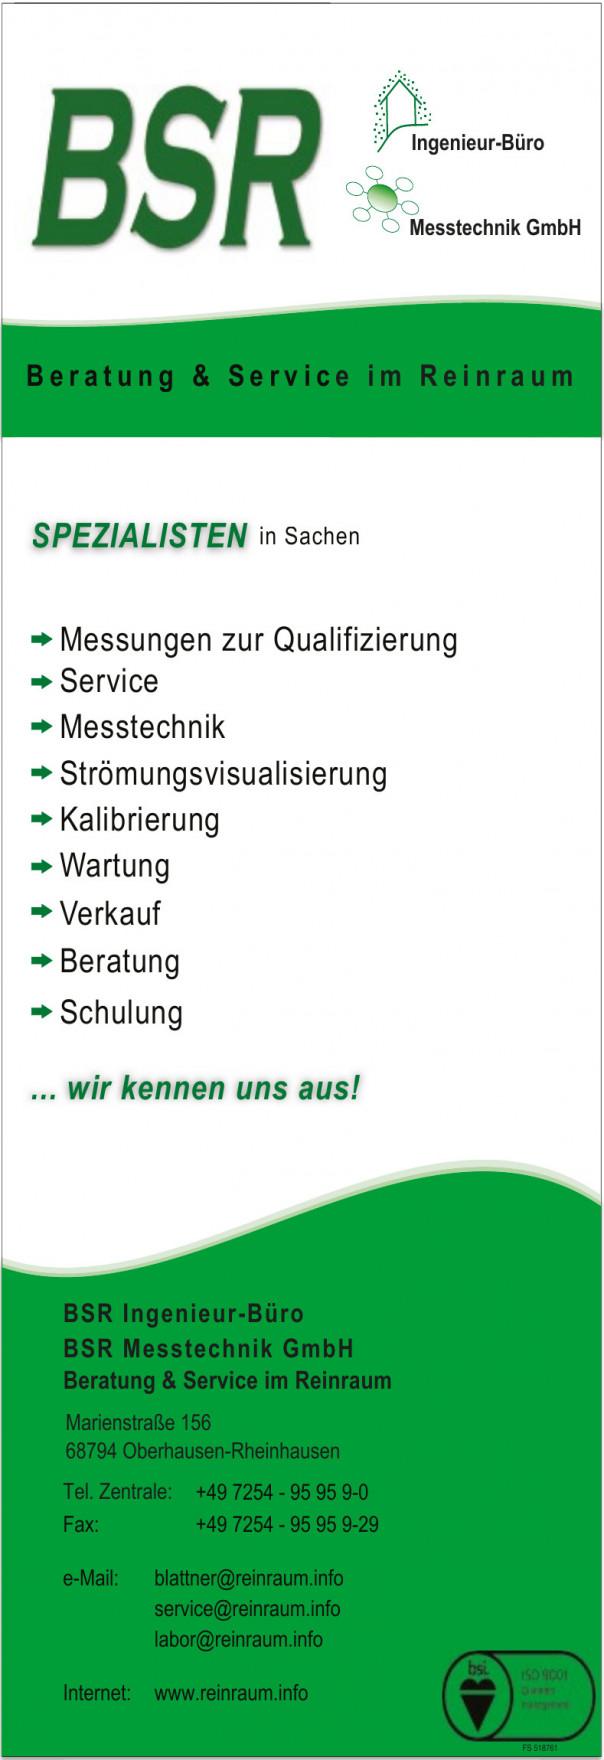 BSR Ingenieur-Büro | BSR Messtechnik GmbH | Beratung & Service im Reinraum